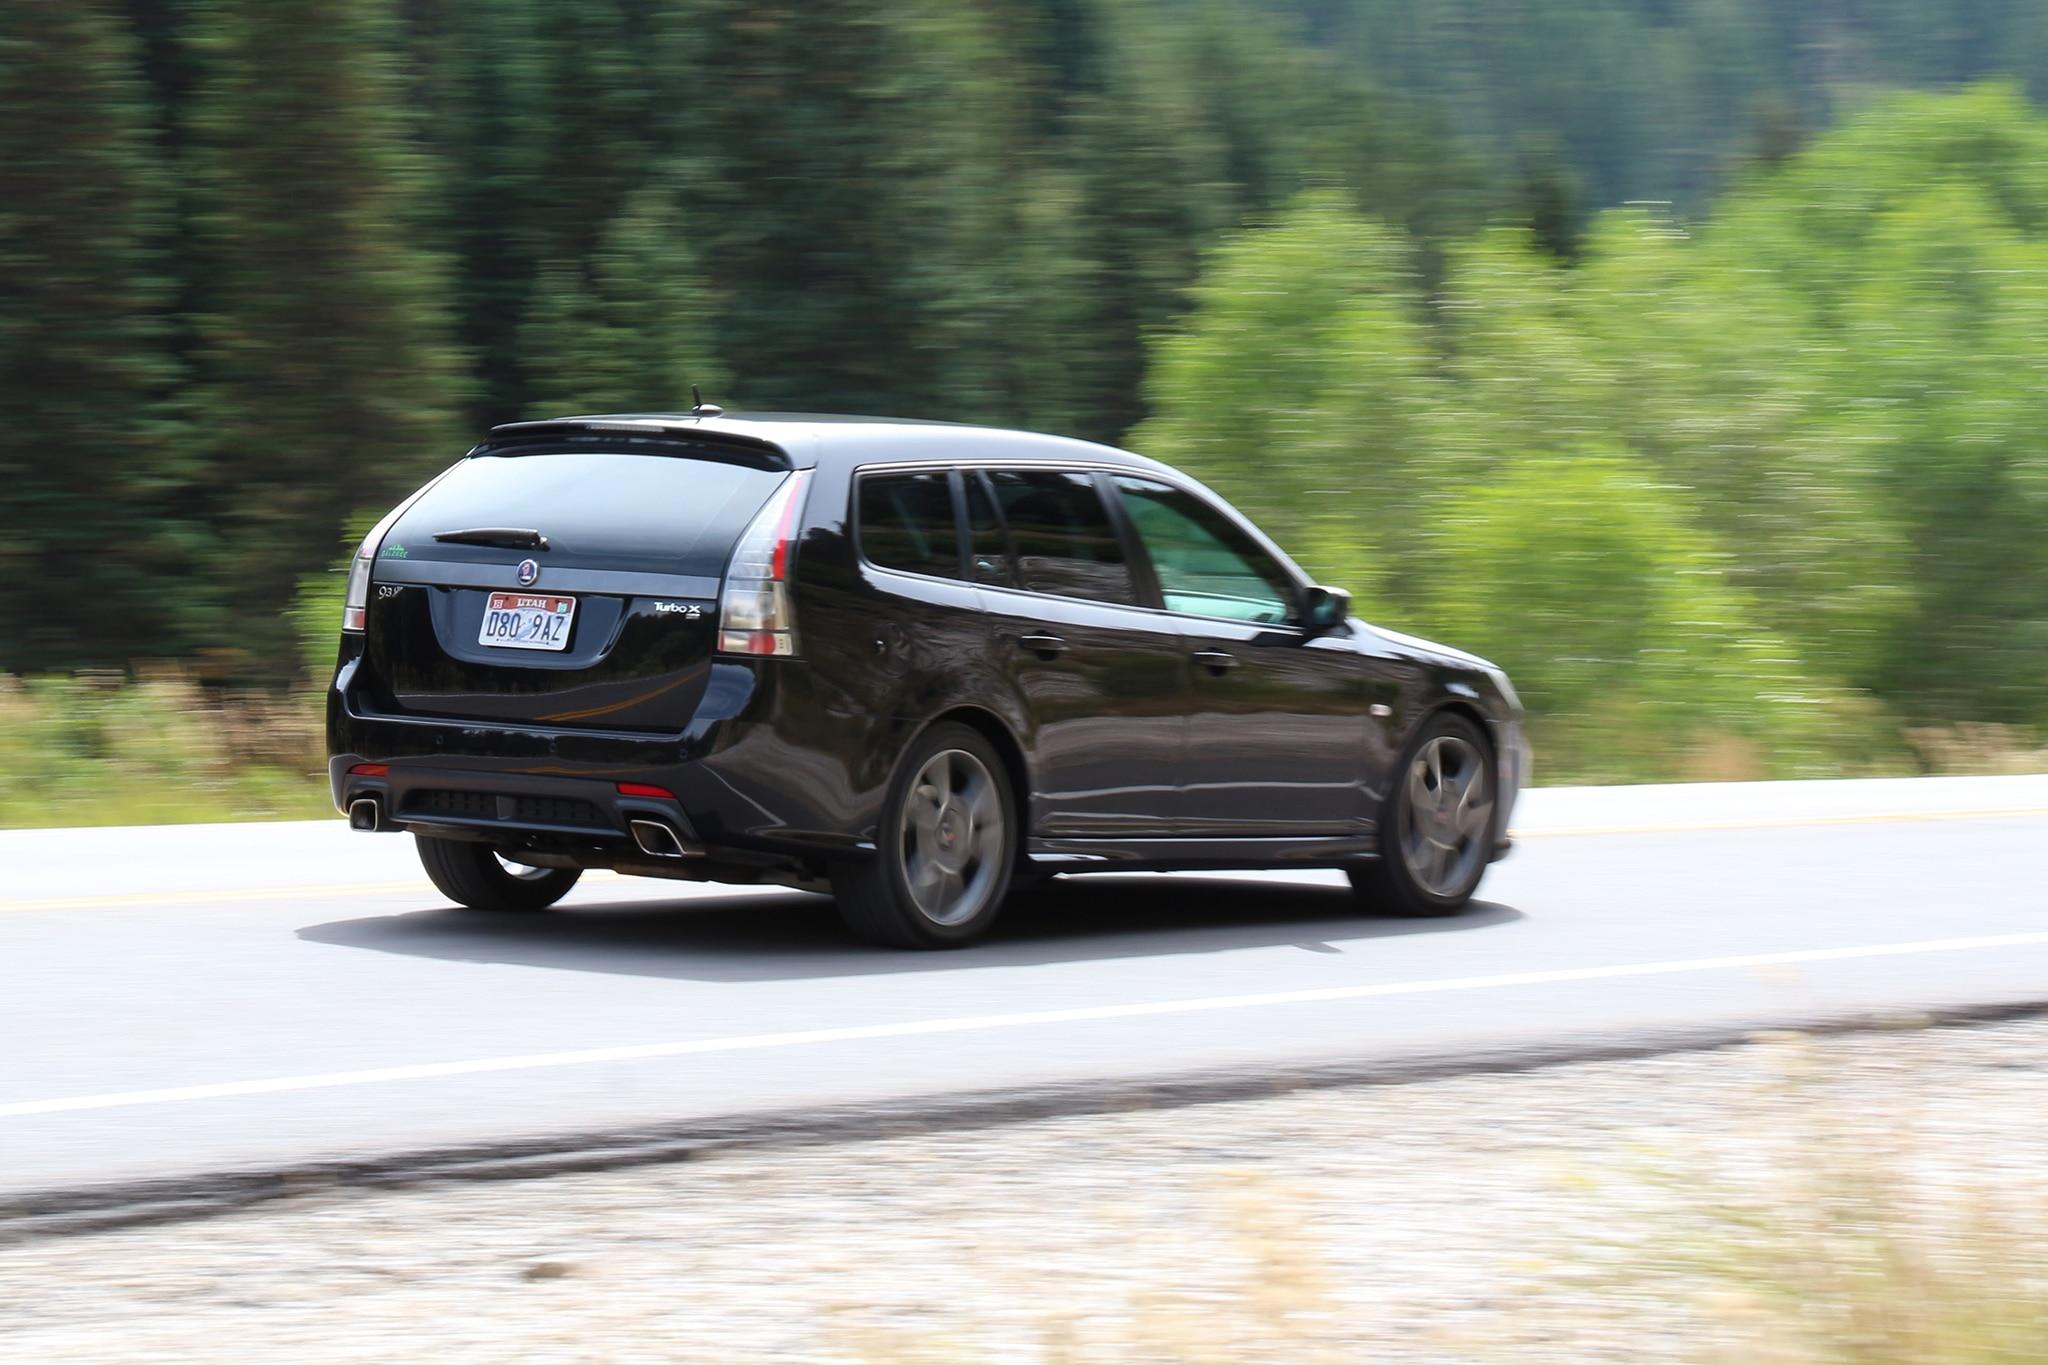 Saab sport & rally jacka